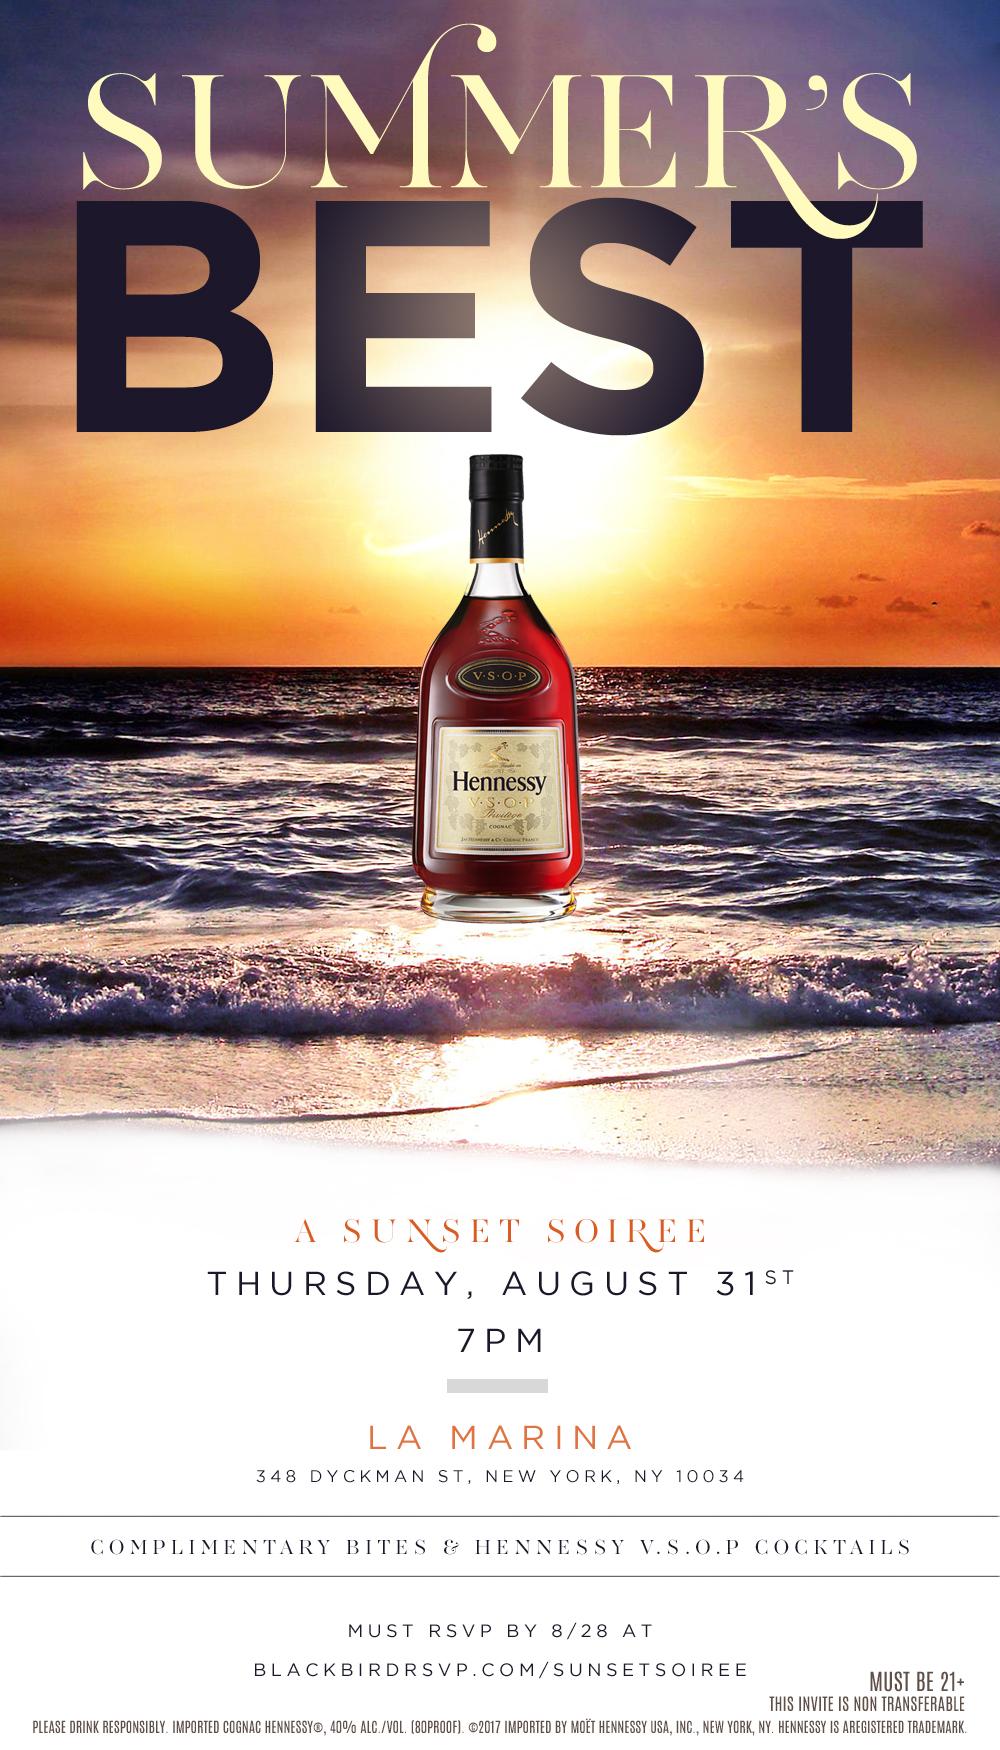 SummersBest_Invite.jpg